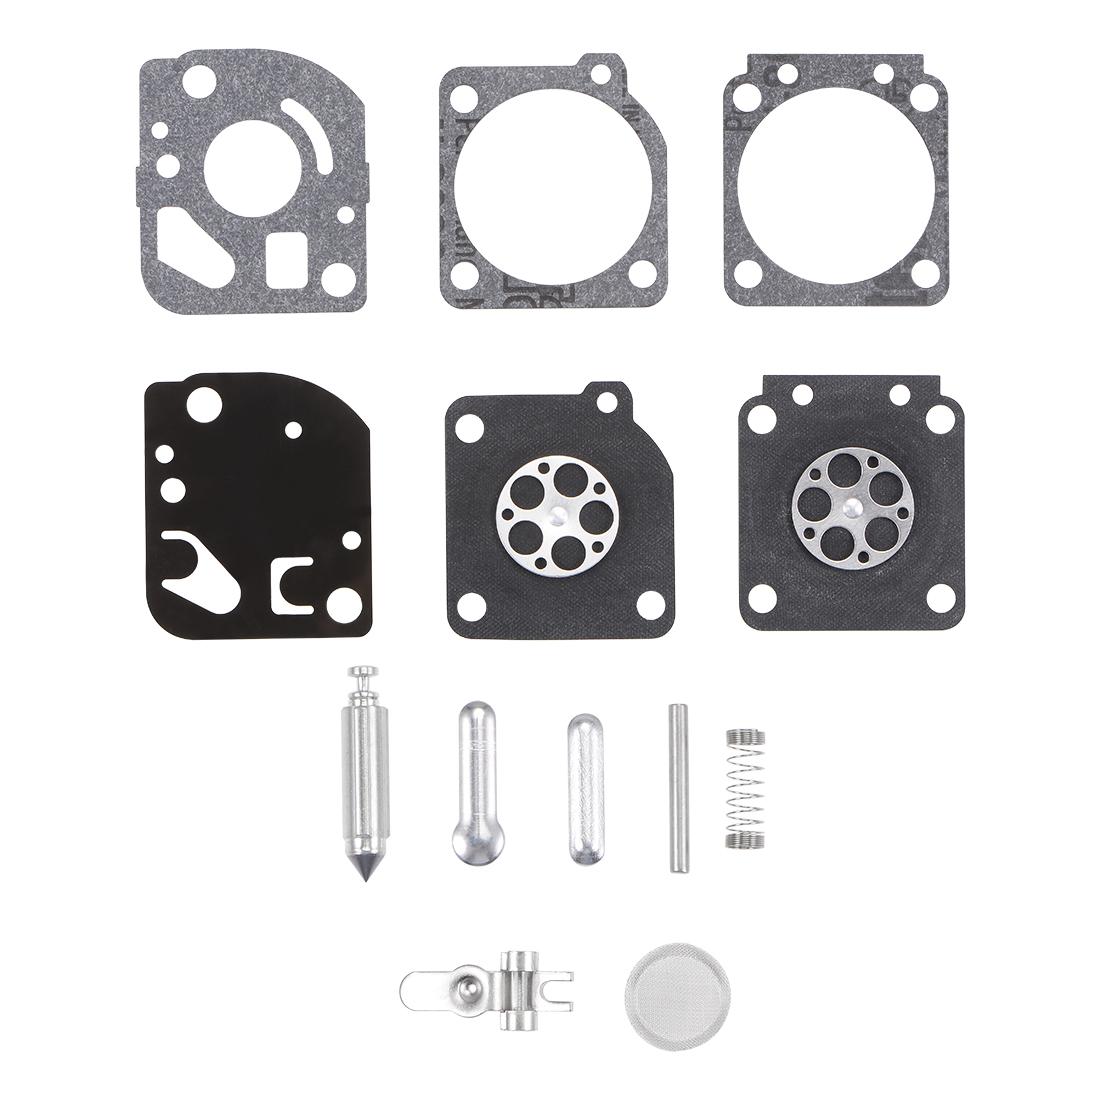 RB-73 Carburetor Rebuild Kit Gasket Diaphragm for RB-73 Engines Carb 2pcs